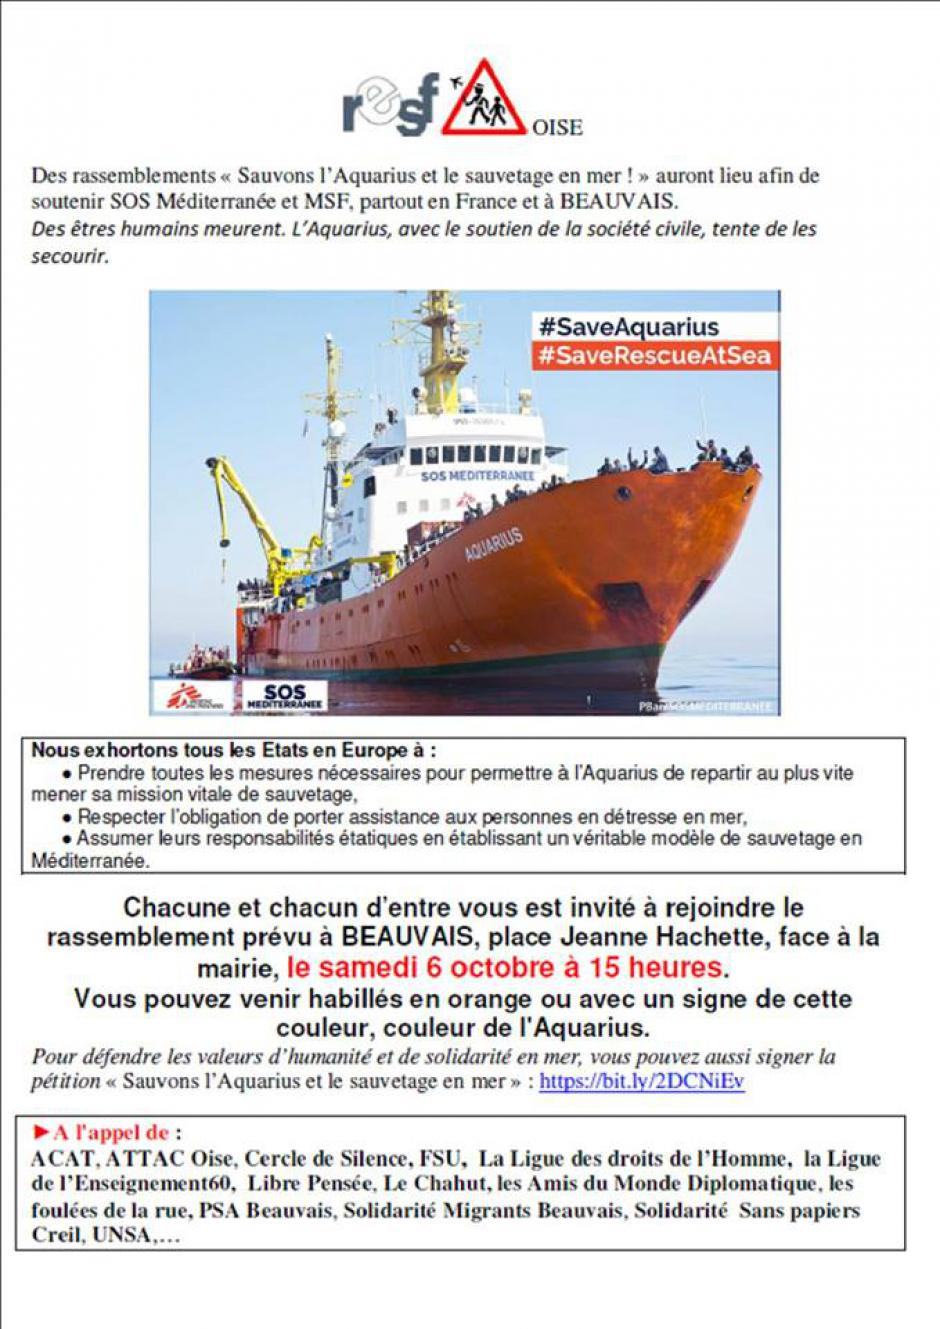 6 octobre, Beauvais - Rassemblement « Sauvons l'Aquarius et le sauvetage en mer »